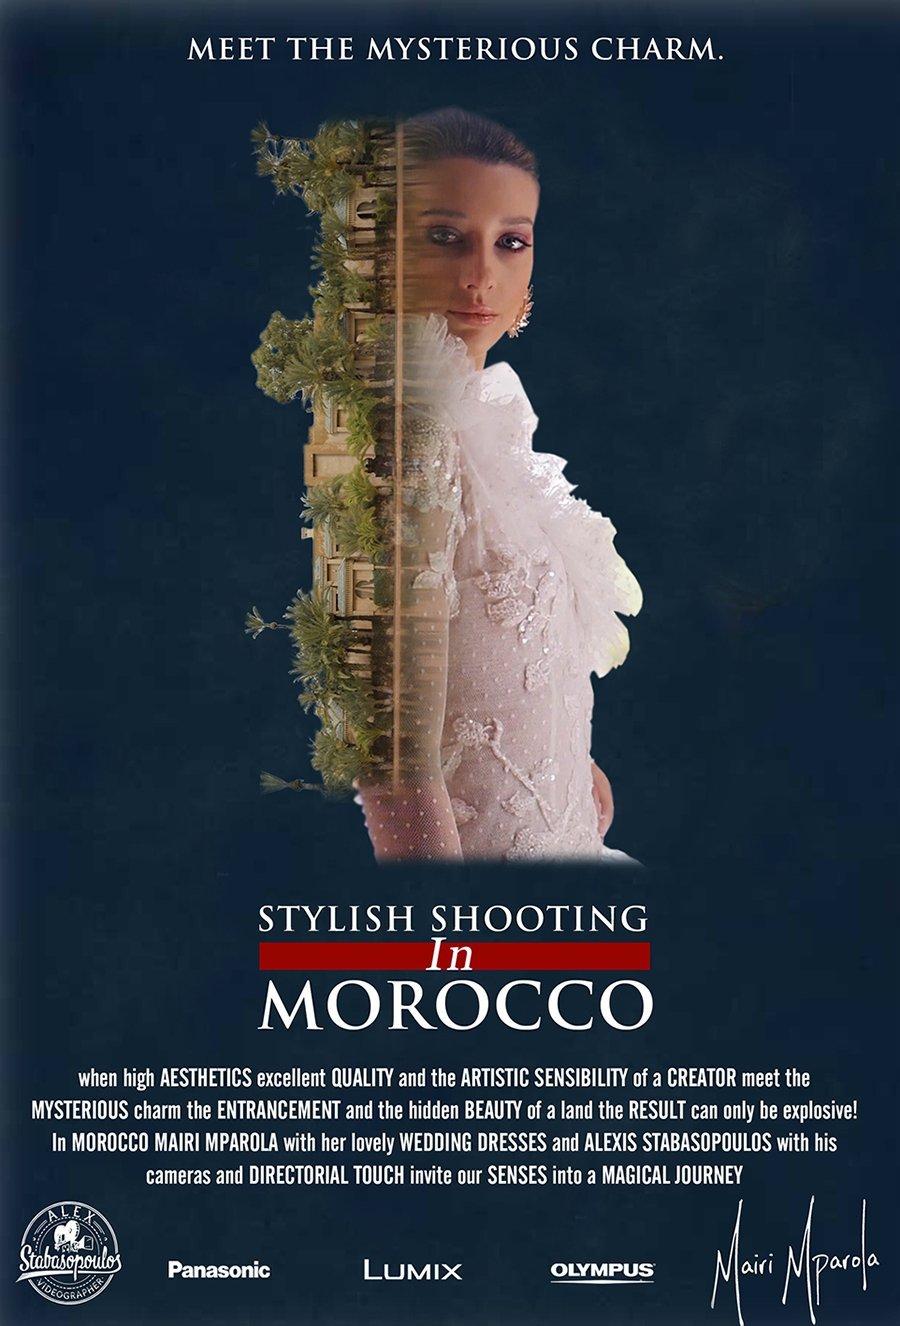 Stylish φωτογράφηση στο Morocco